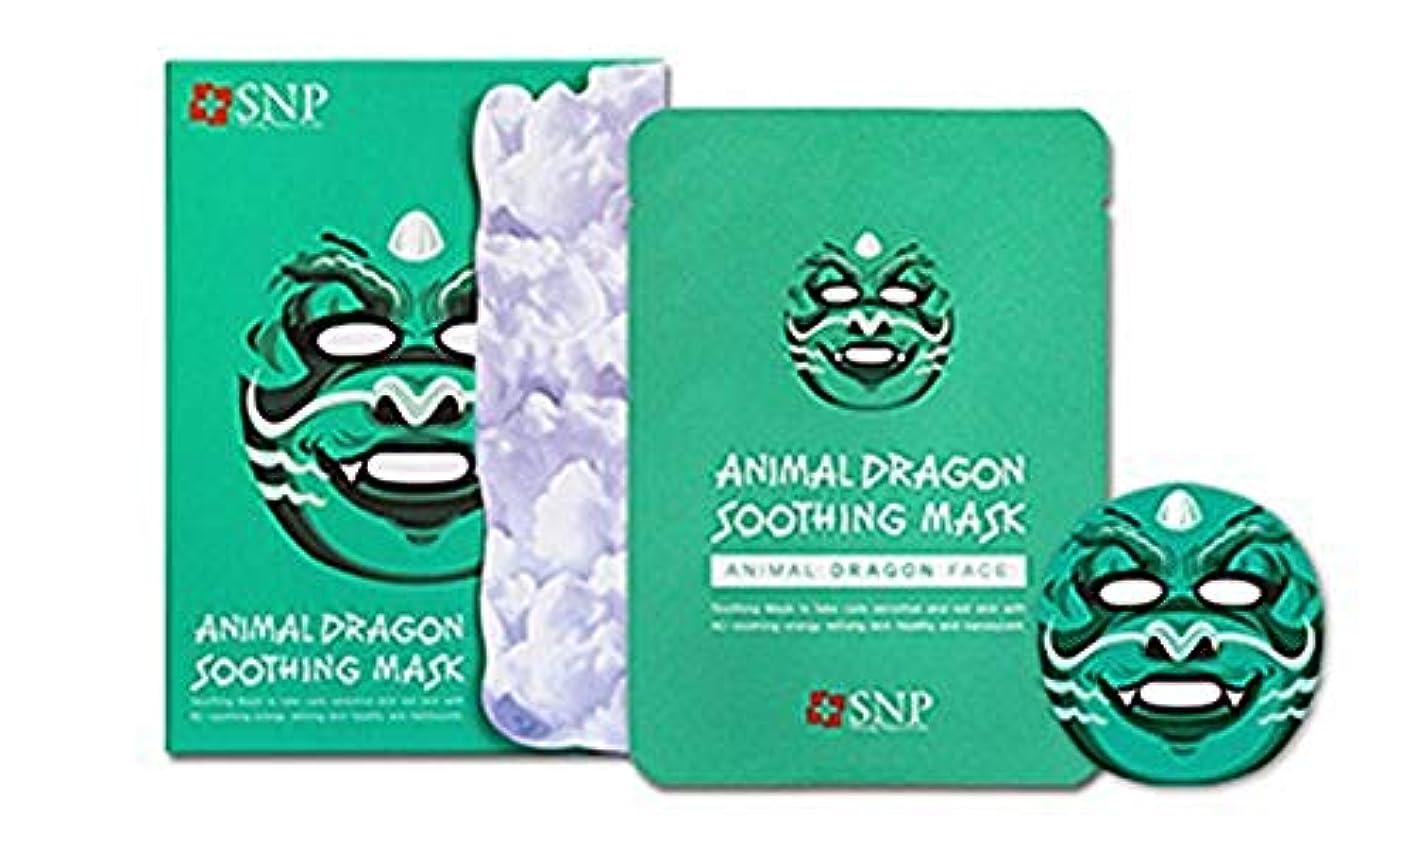 動脈光電同情的SNP アニマル ドラゴン スーディングリンマスク10枚 / animal dargon soothing mask 10ea[海外直送品]